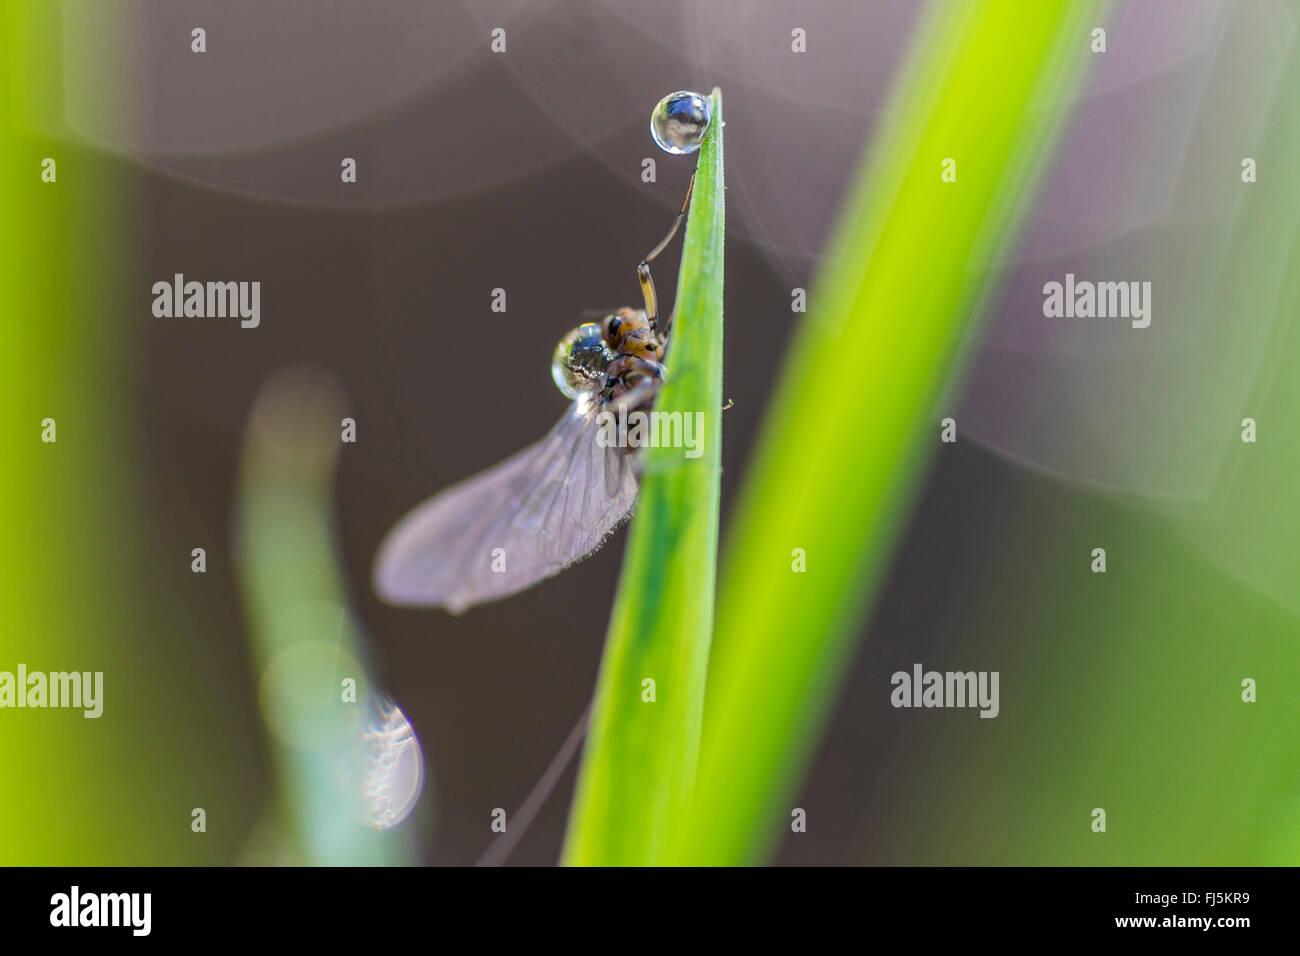 Insecte sur une feuille avec une goutte d'eau, de l'Allemagne, la Saxe, Vogtlaendische Schweiz Photo Stock